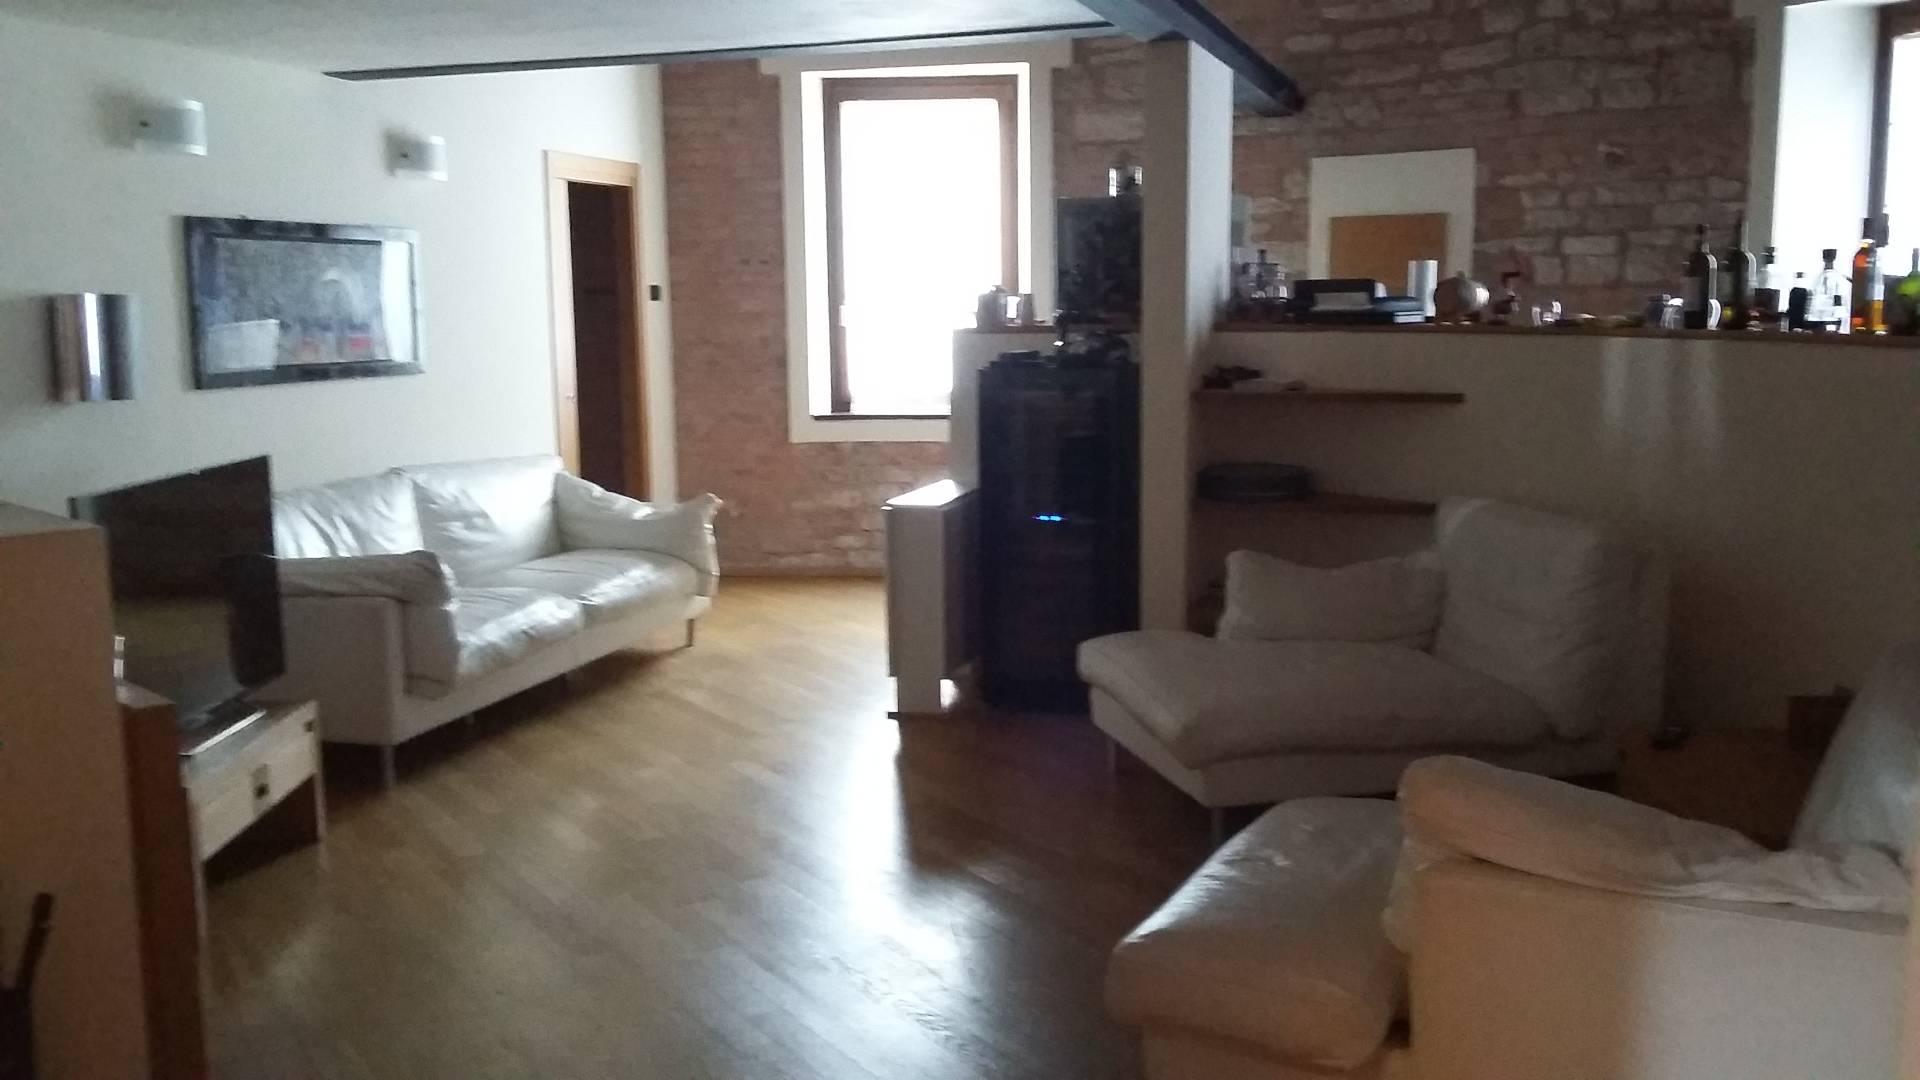 Appartamento in affitto a Fabriano, 4 locali, zona Località: CENTROSTORICO, prezzo € 650 | Cambio Casa.it